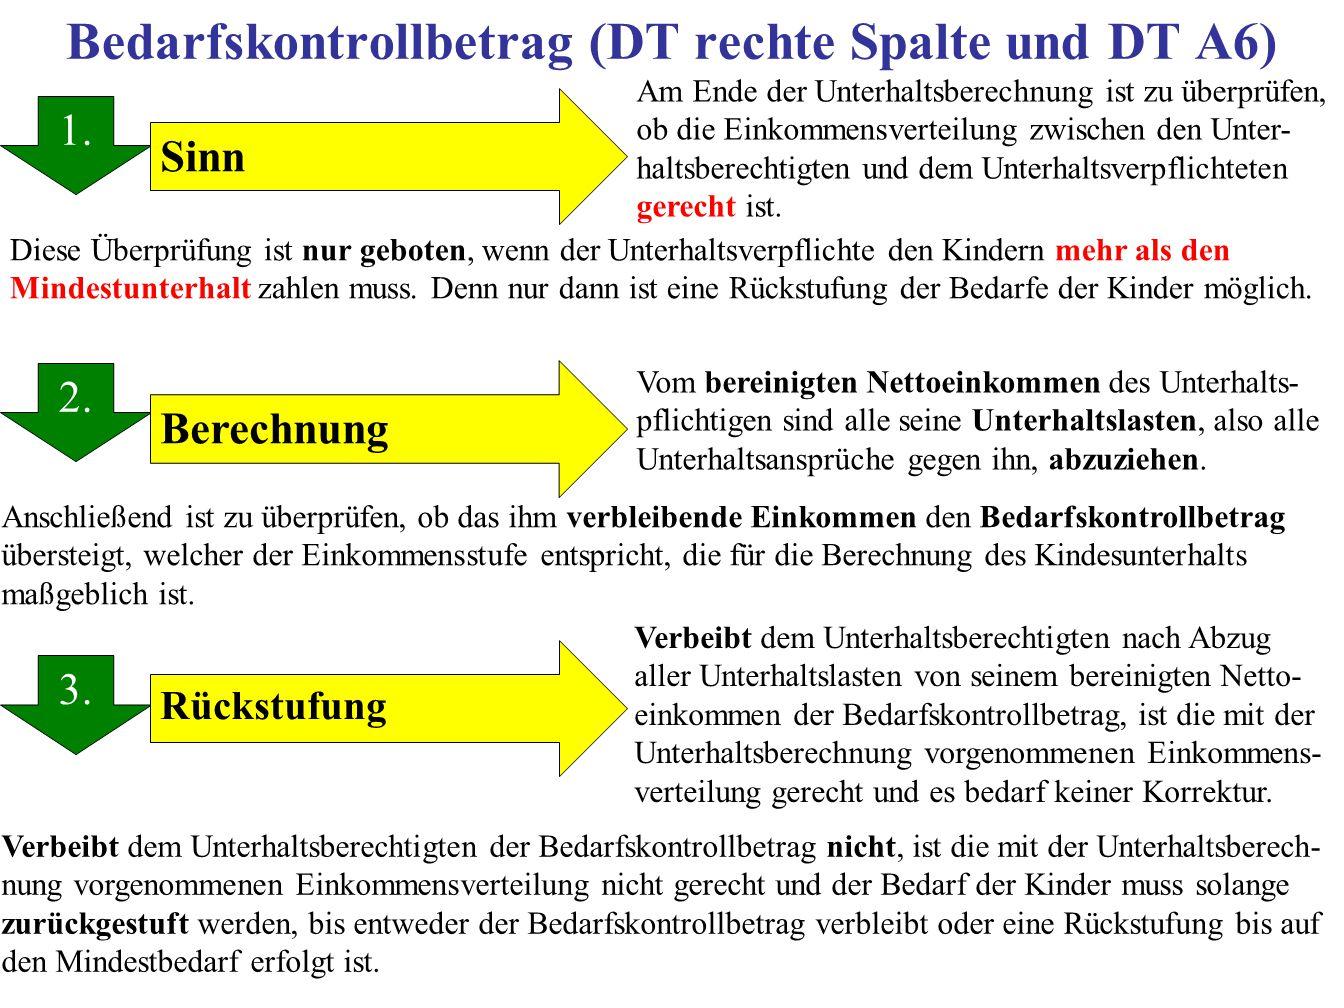 Bedarfskontrollbetrag (DT rechte Spalte und DT A6)